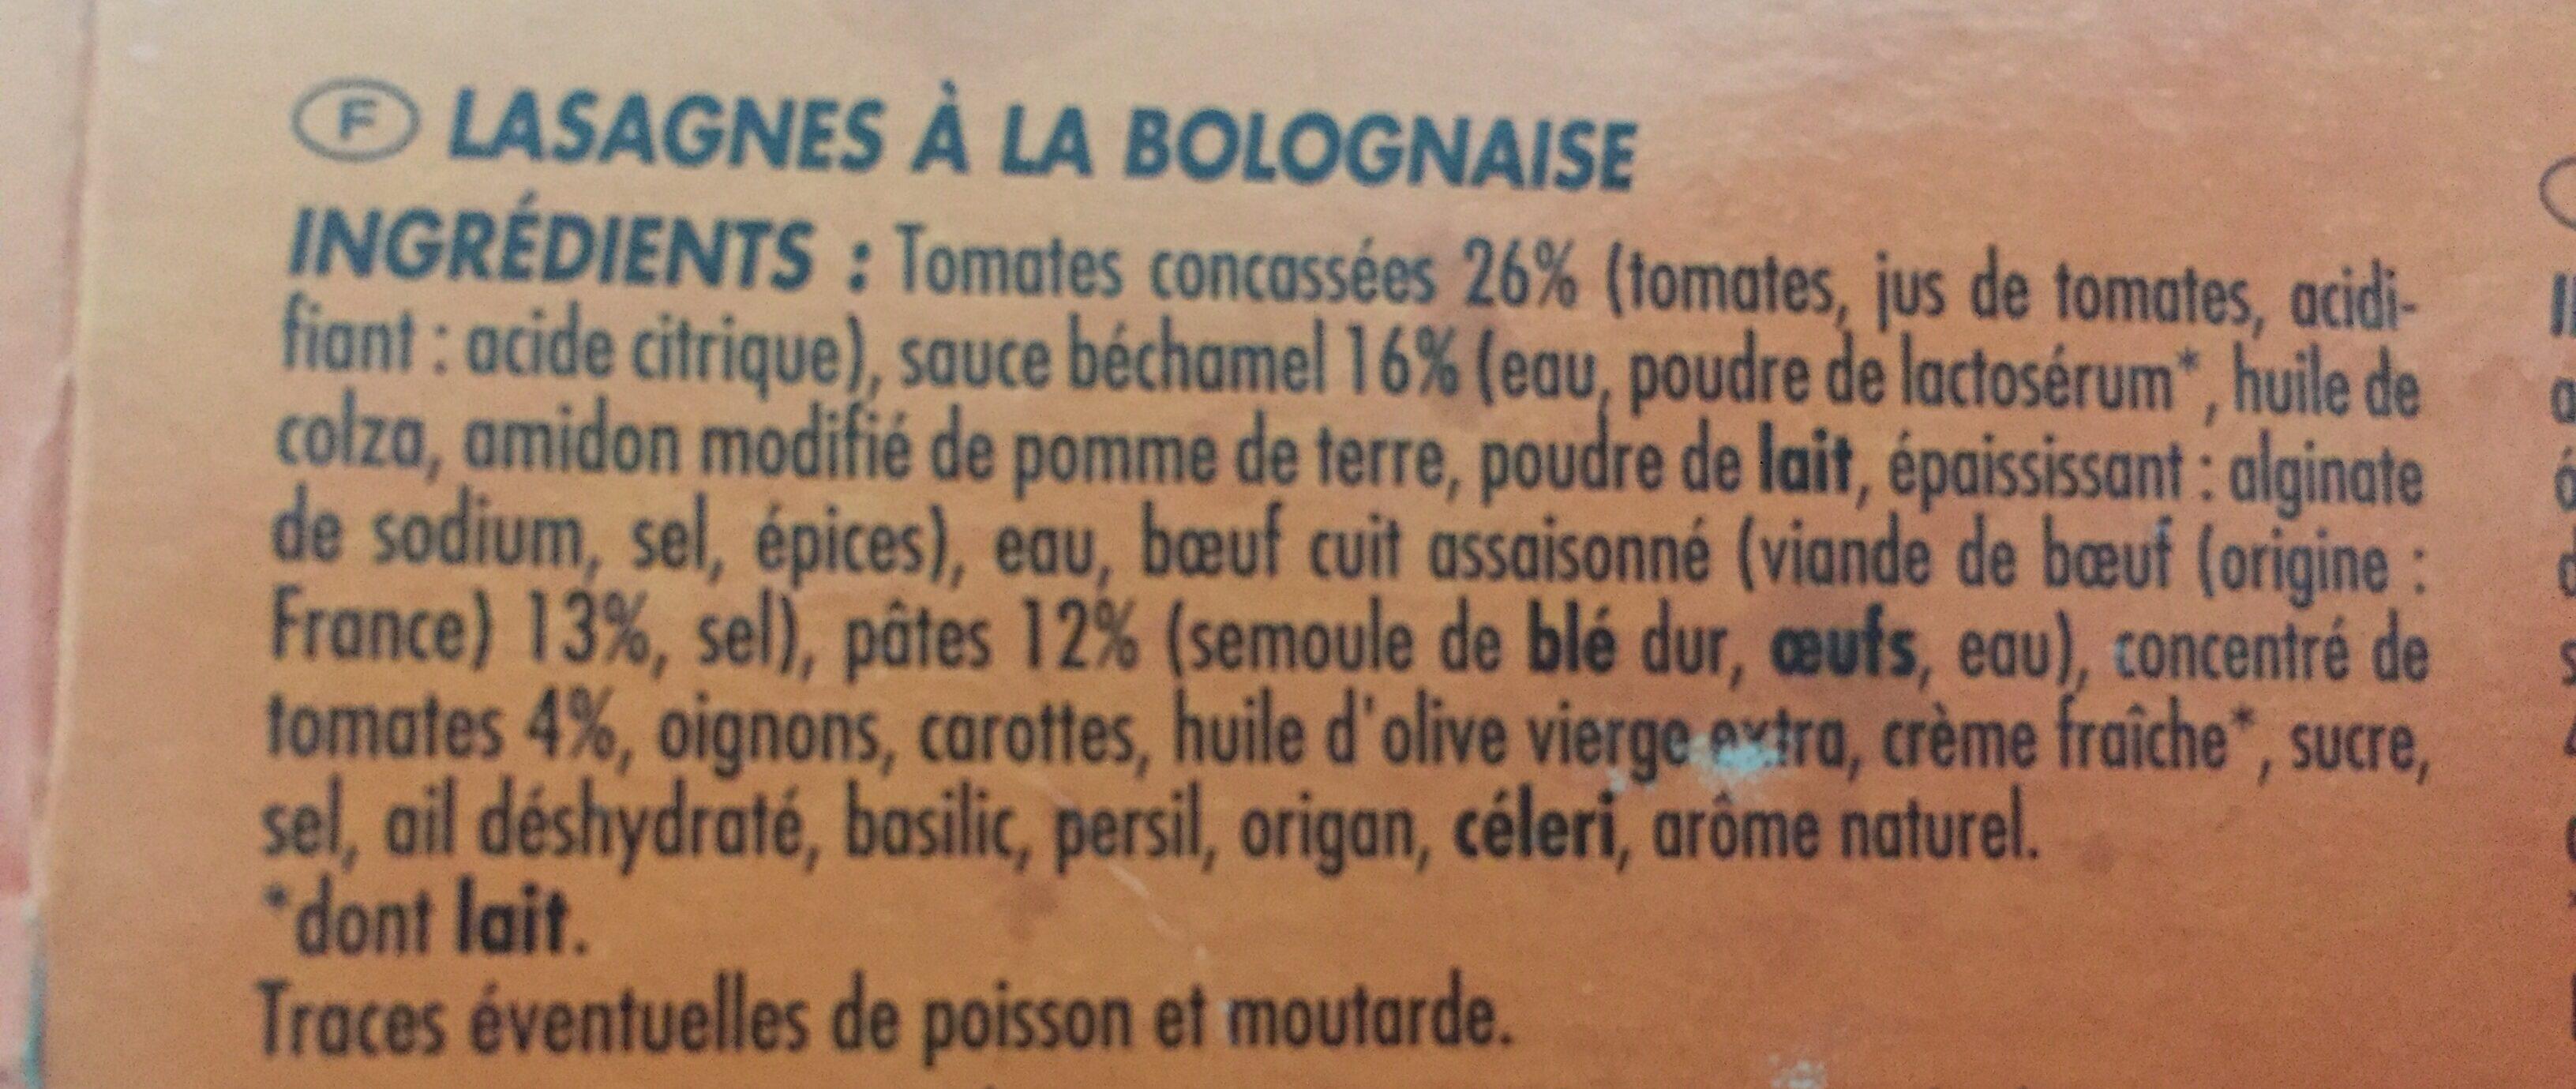 barquette de lasagne à la bolognaise - Ingrediënten - fr